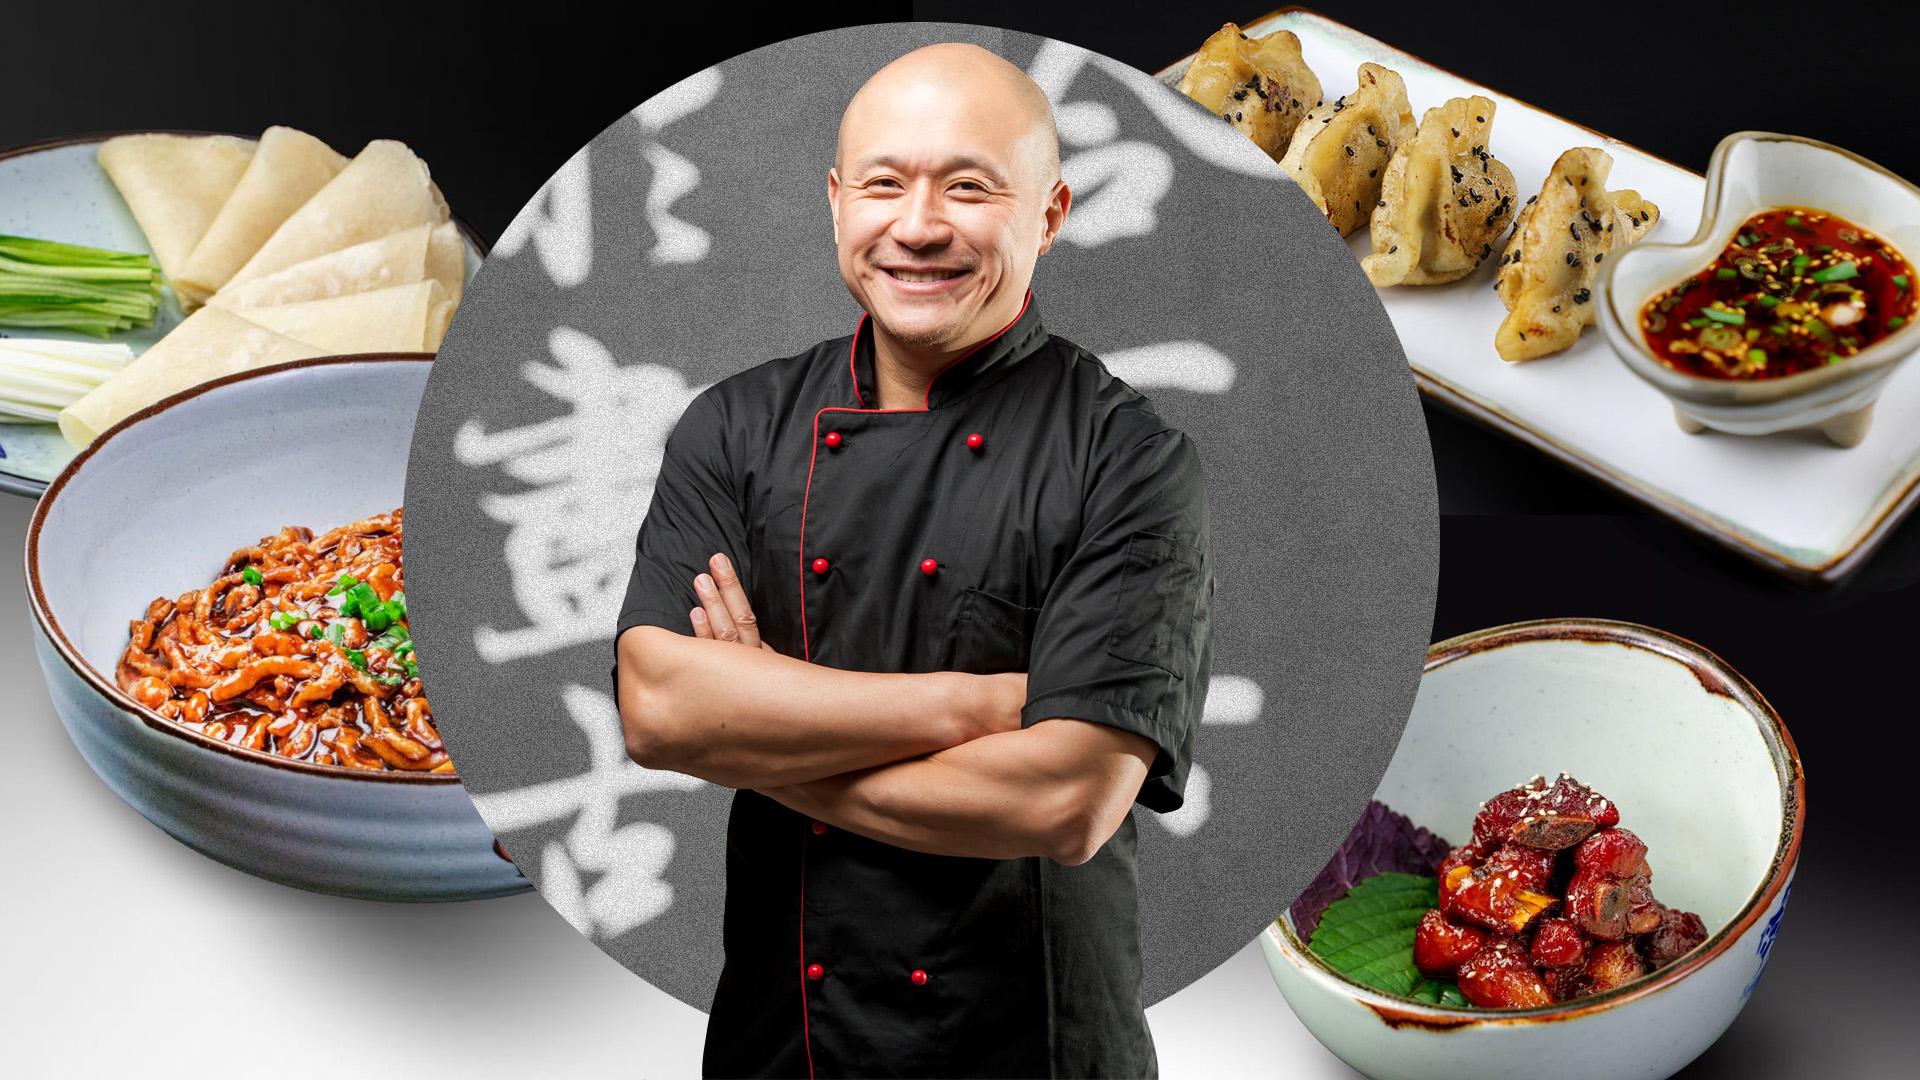 Wang mester hazánk kétségkívül legismertebb kínai szakácsa